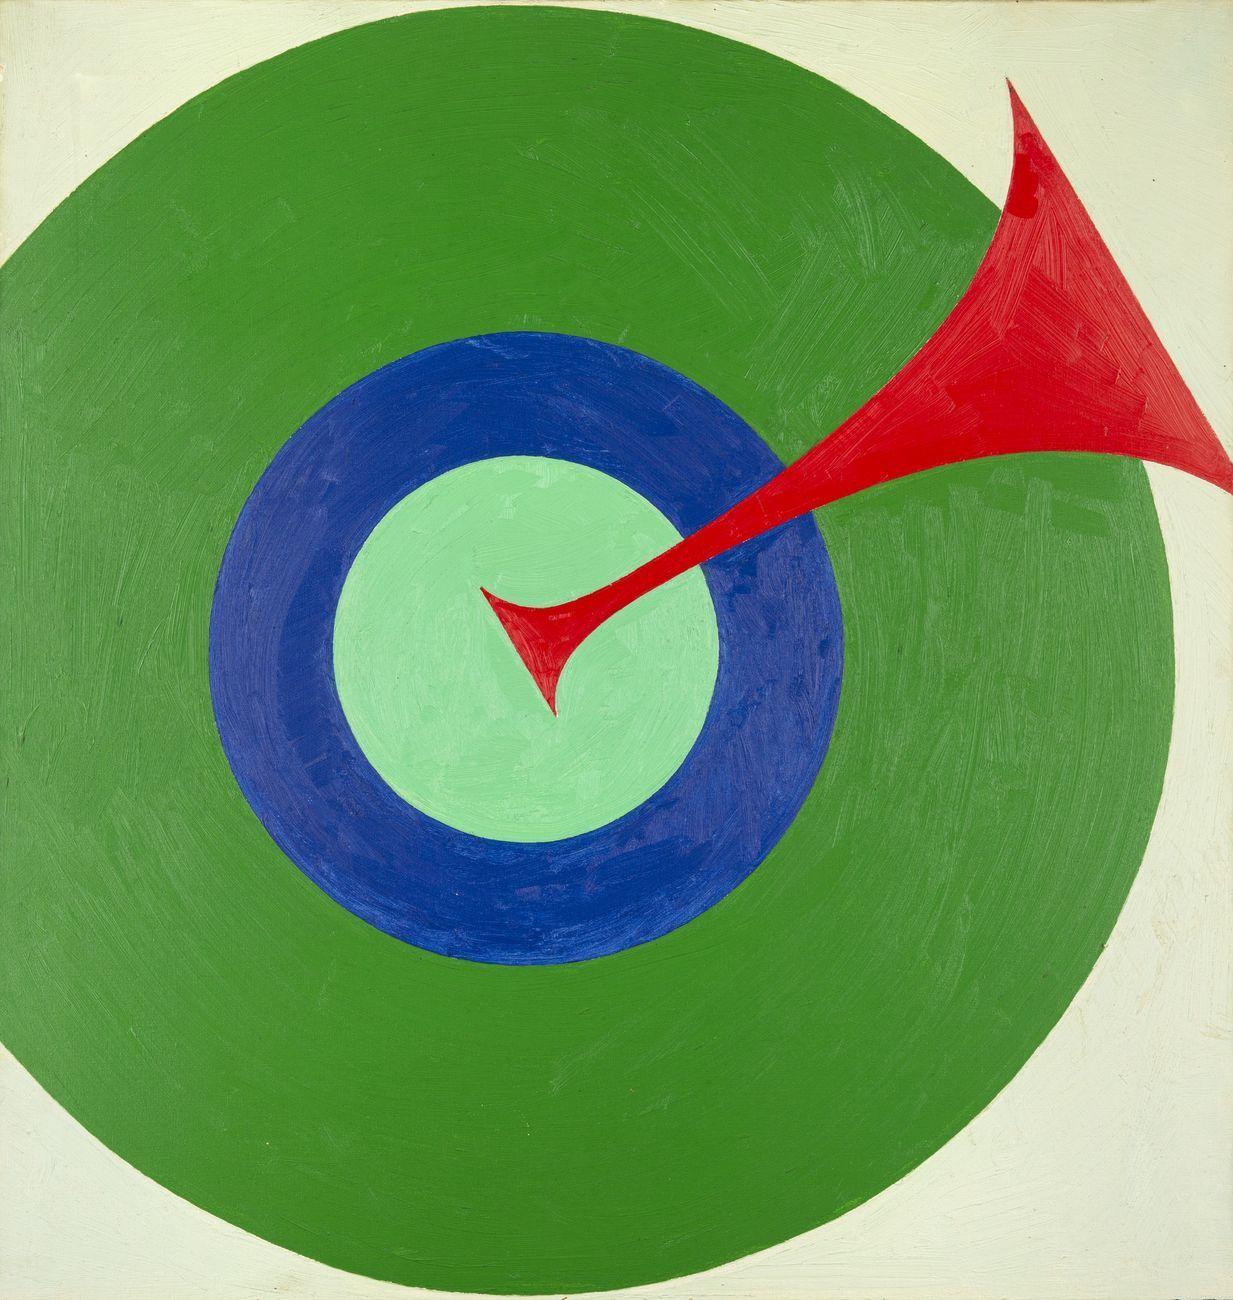 Alfonso Leoni, Senza titolo, 1968 ca., olio su tela, cm 60x70